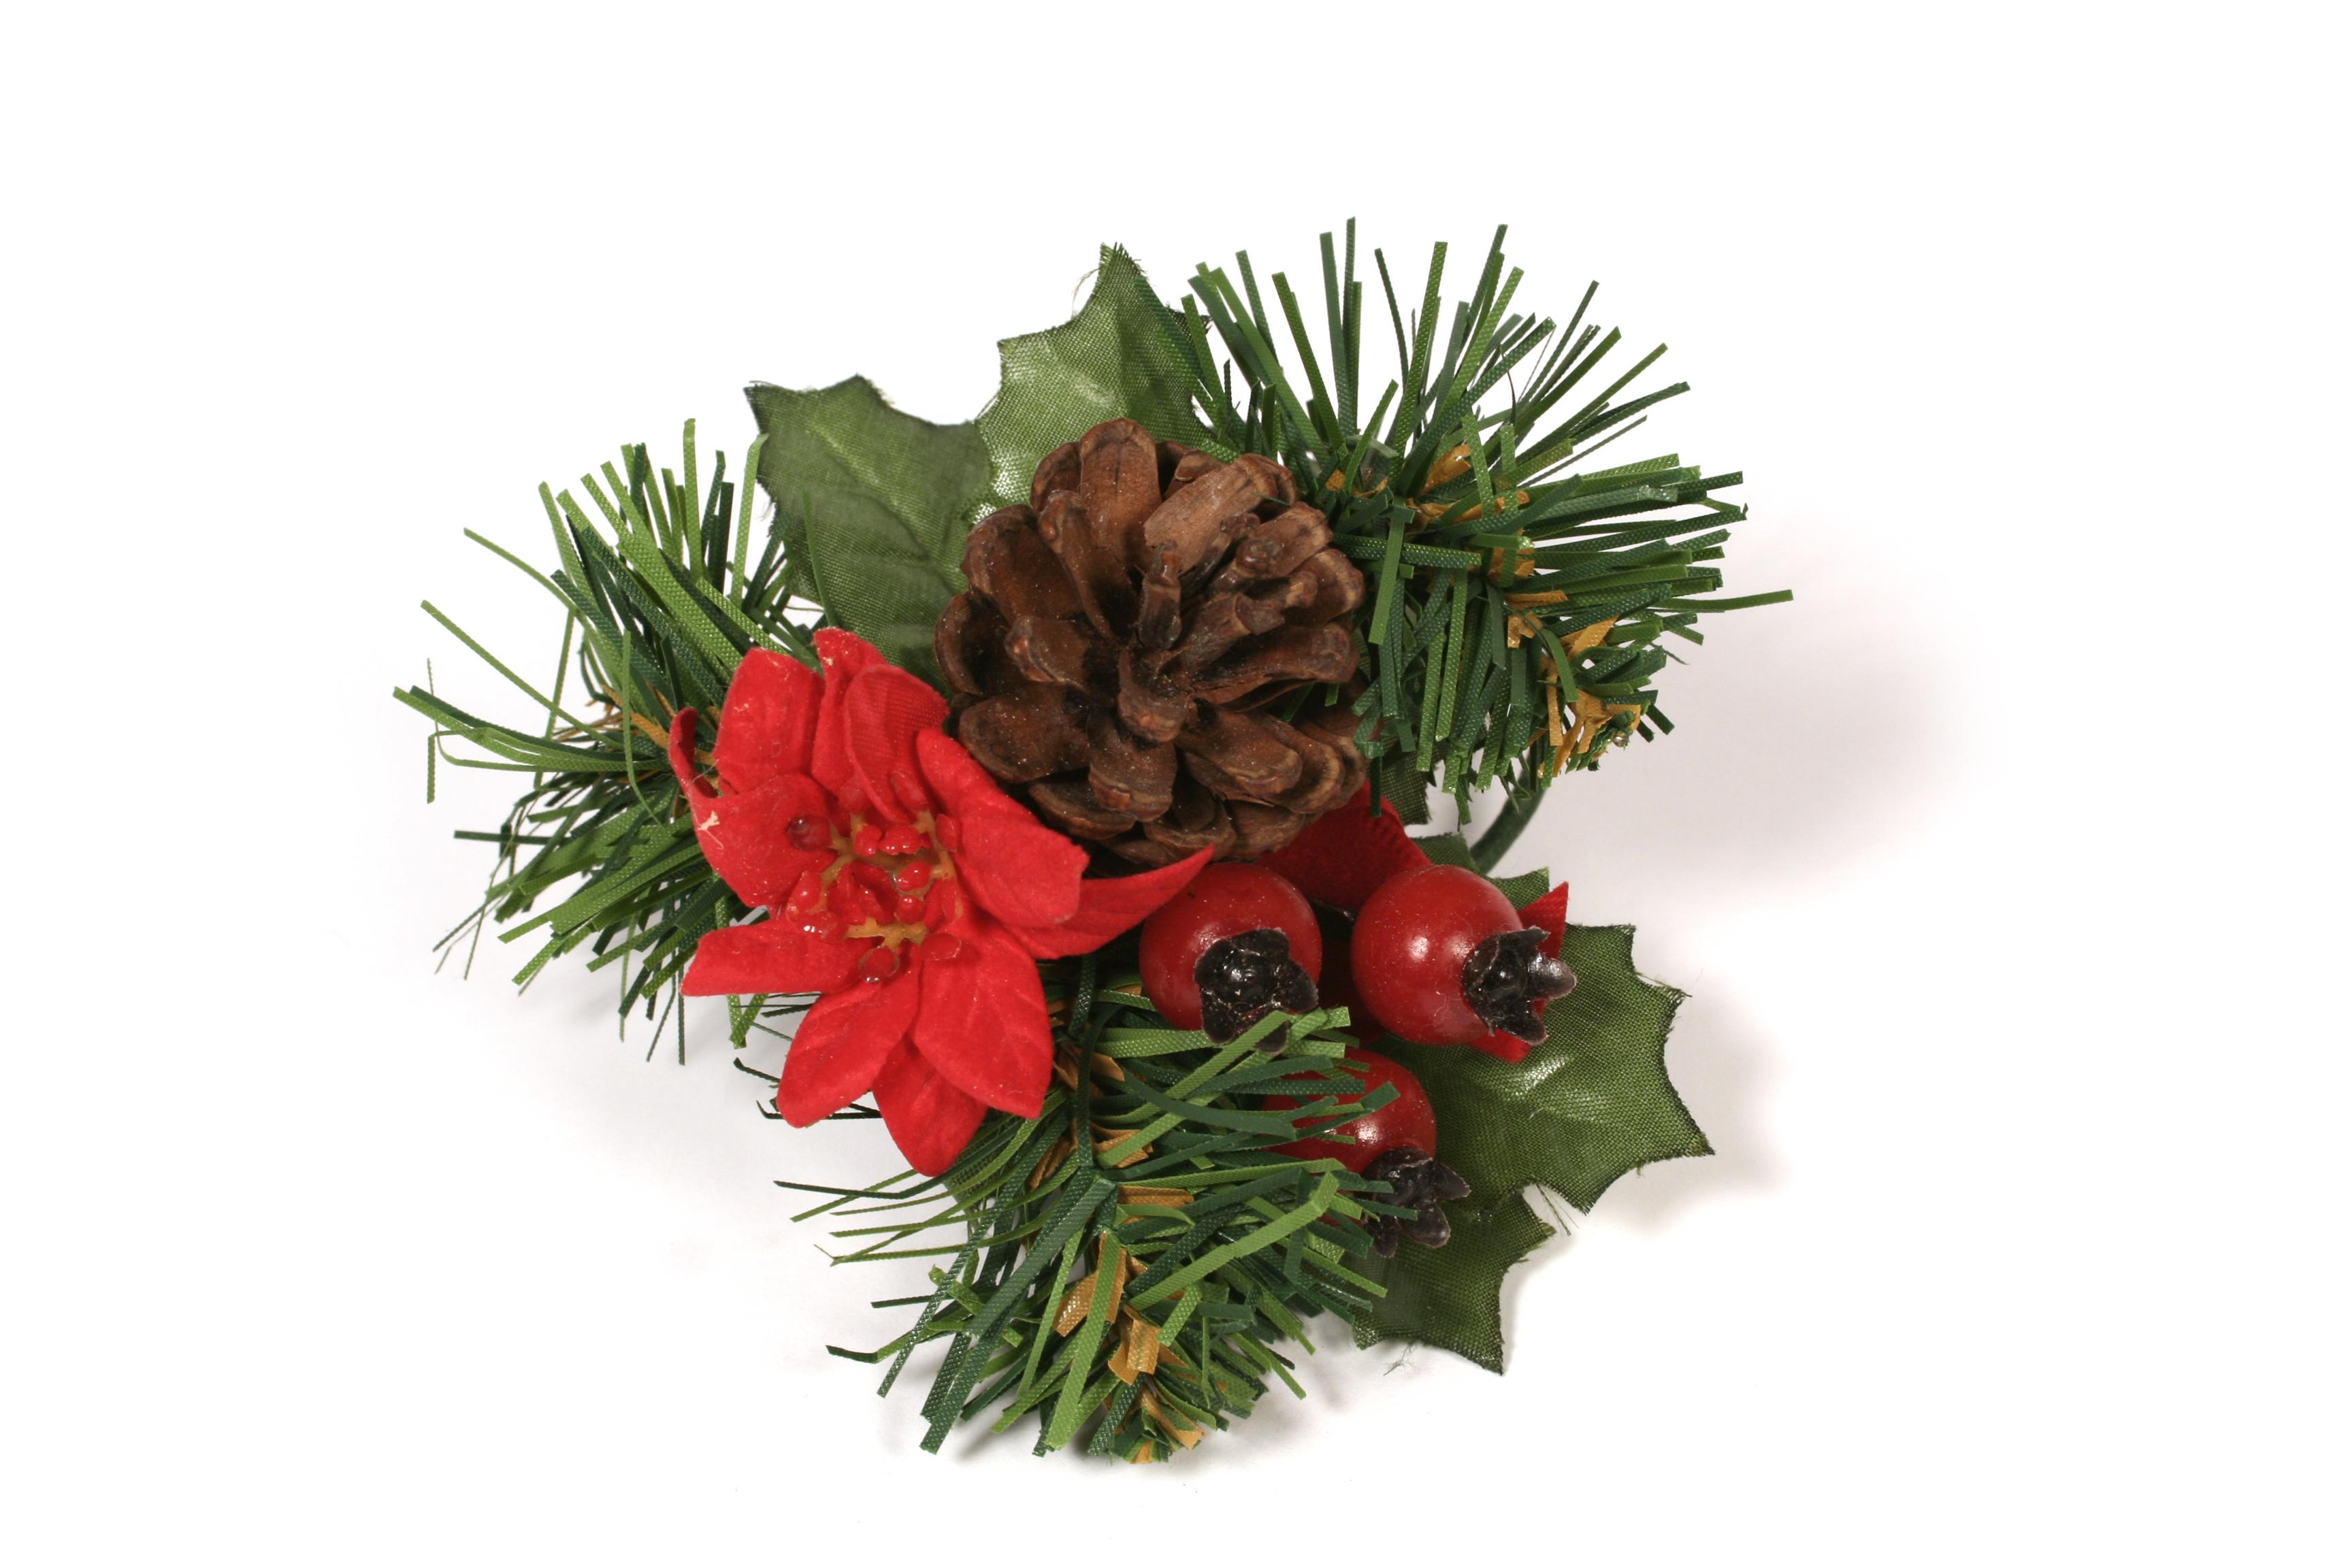 Creating personalised wreaths